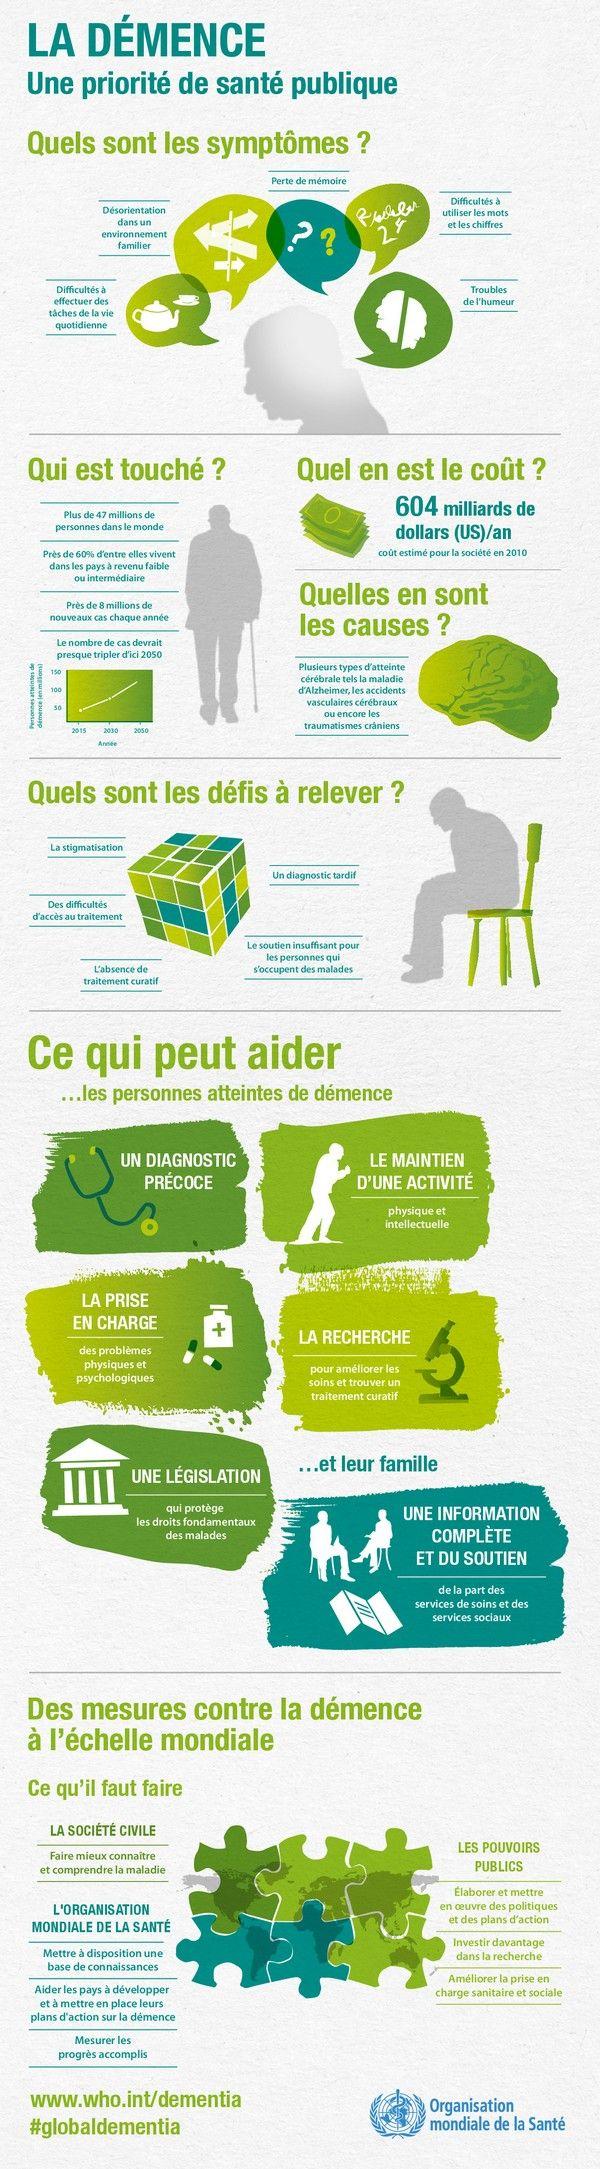 Infographie : la démence une priorité de santé publique (Health, medicine)